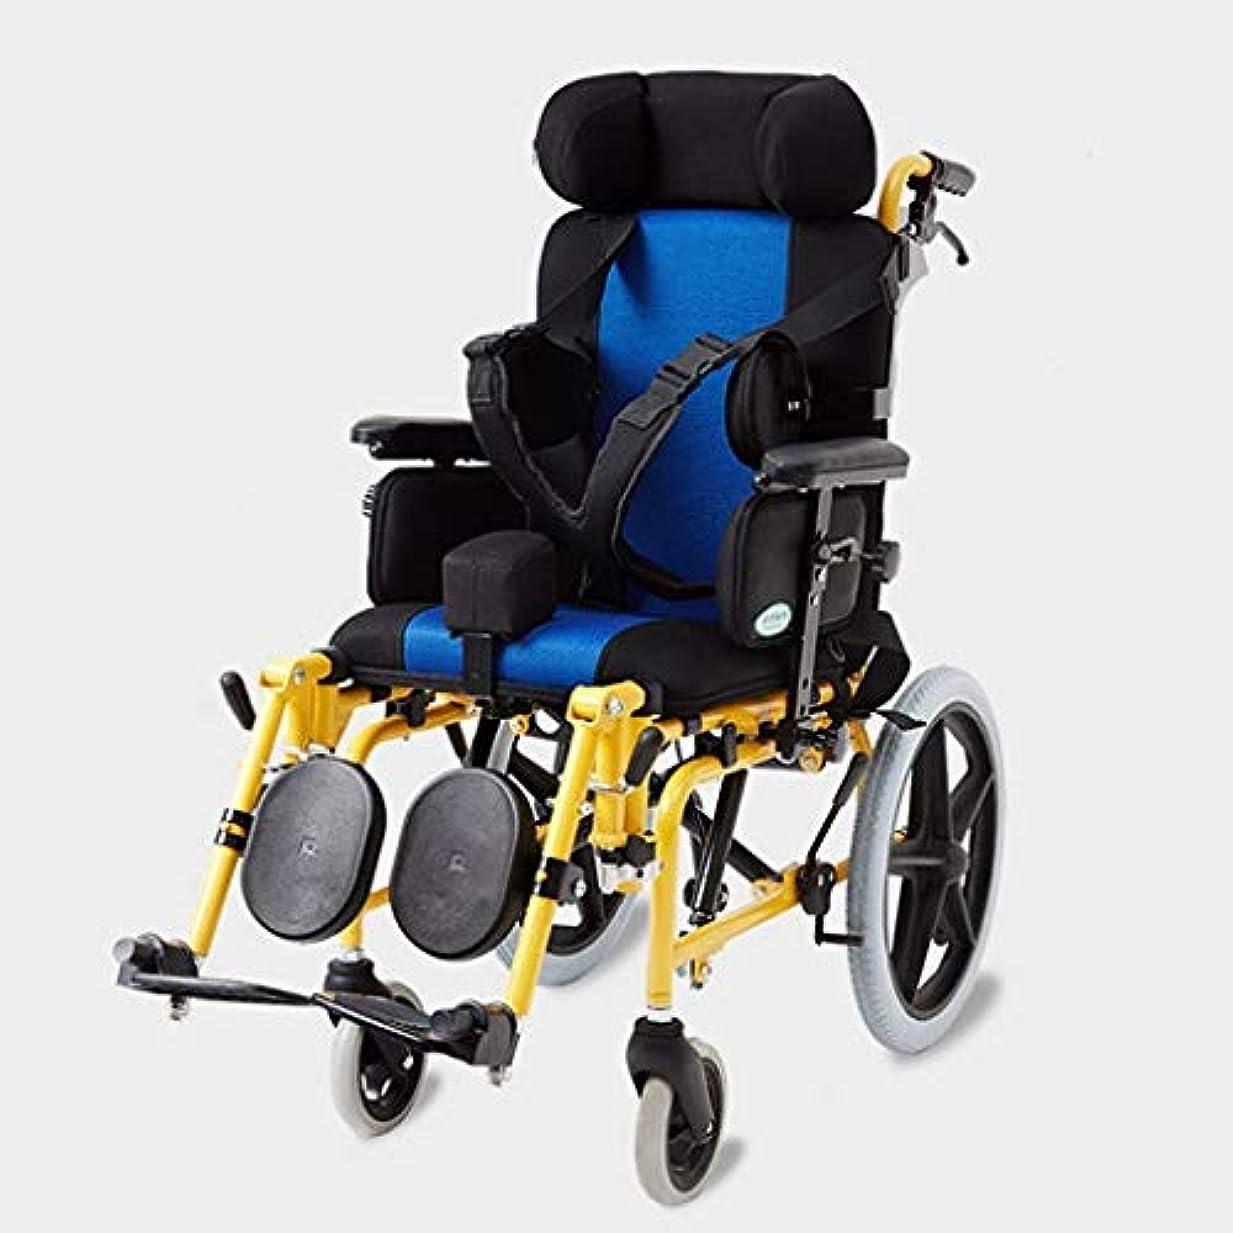 ほぼ対角線ファランクス車いす多機能フル?レイ/セミ横たわっデザイン、マニュアル脳性麻痺、子供、軽量折りたたみ交通旅行自走式ウォーカー